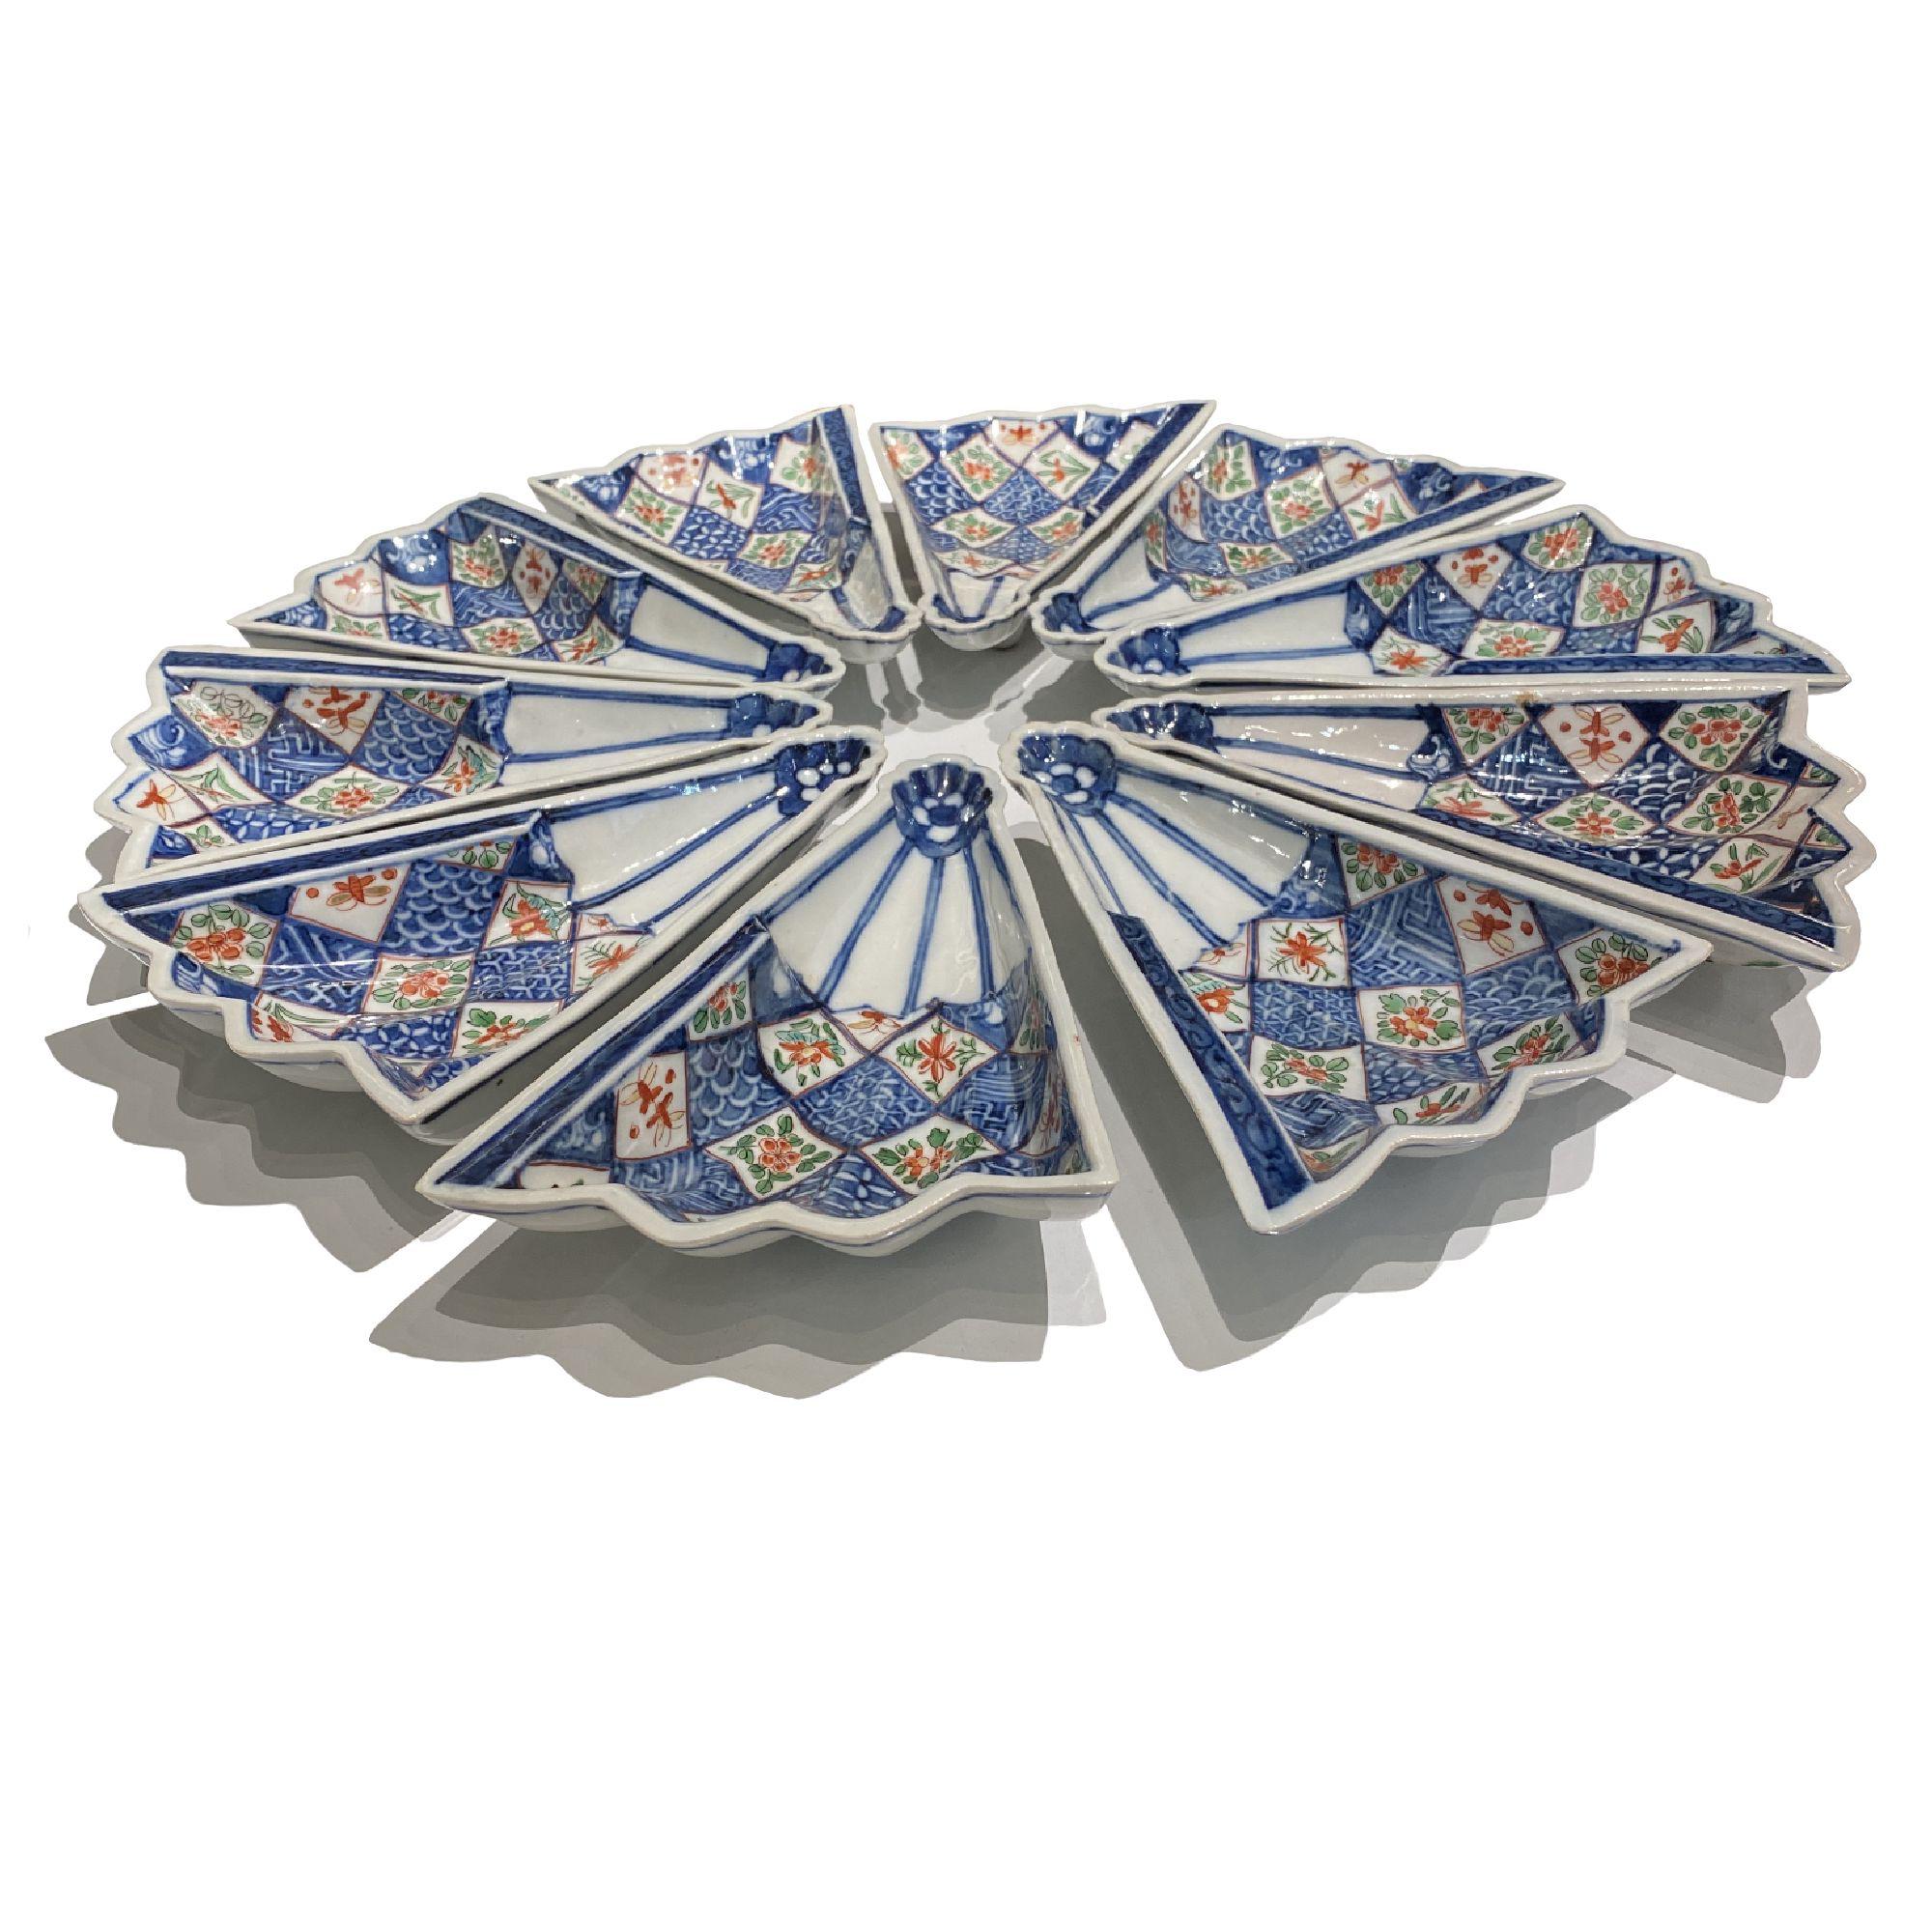 Japon, 10 plats en forme d' éventail à décor Imari, Arita fin du 19ème siècle.